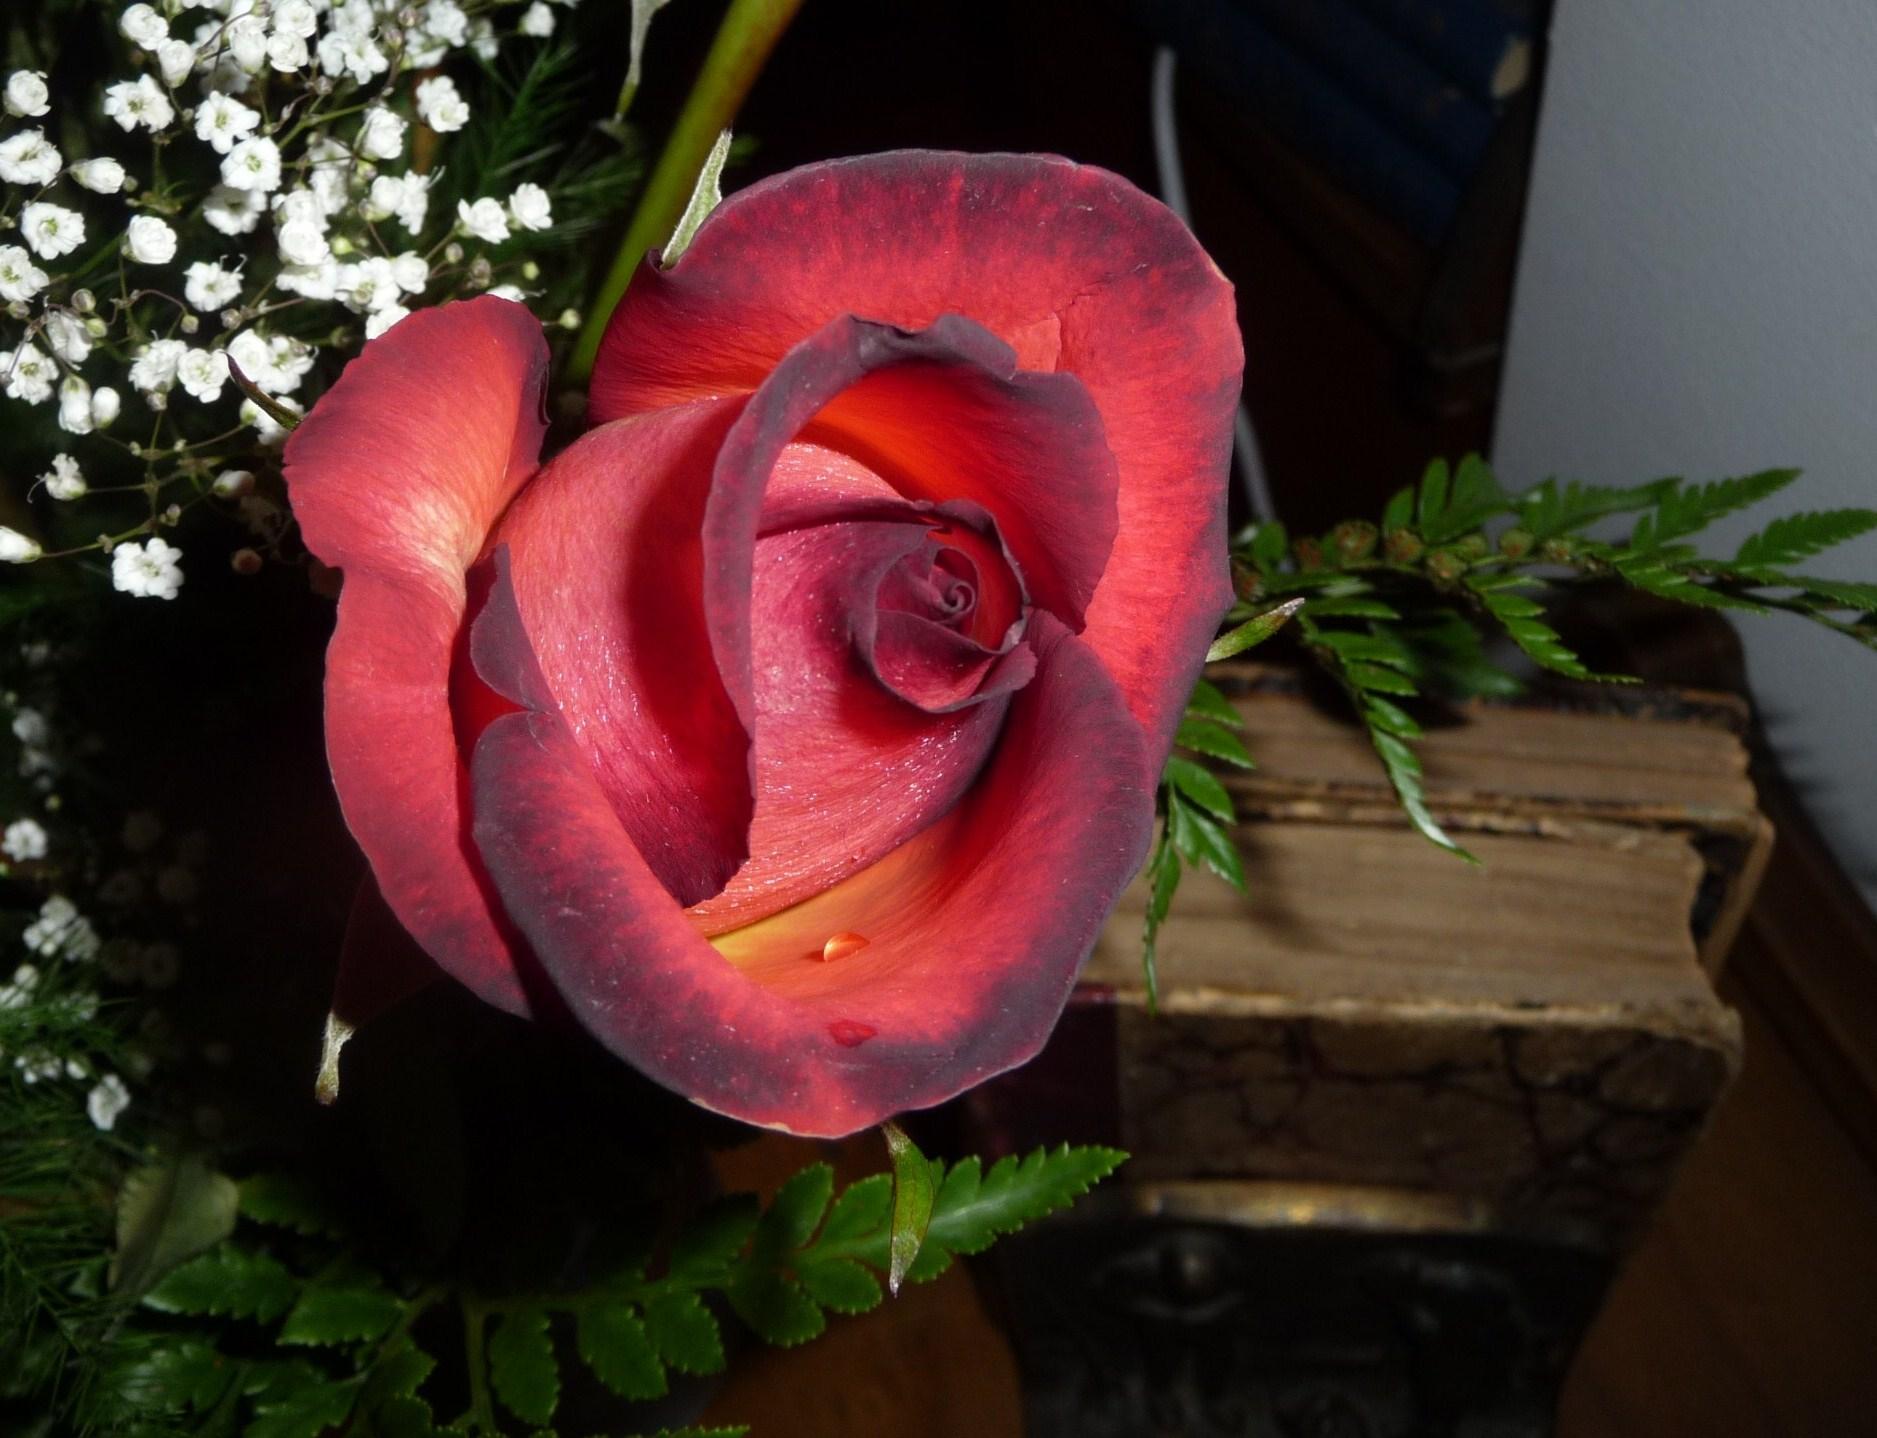 Sfondi Rosa Fiori Rosso Fiore Colore Verde Natura Fleur